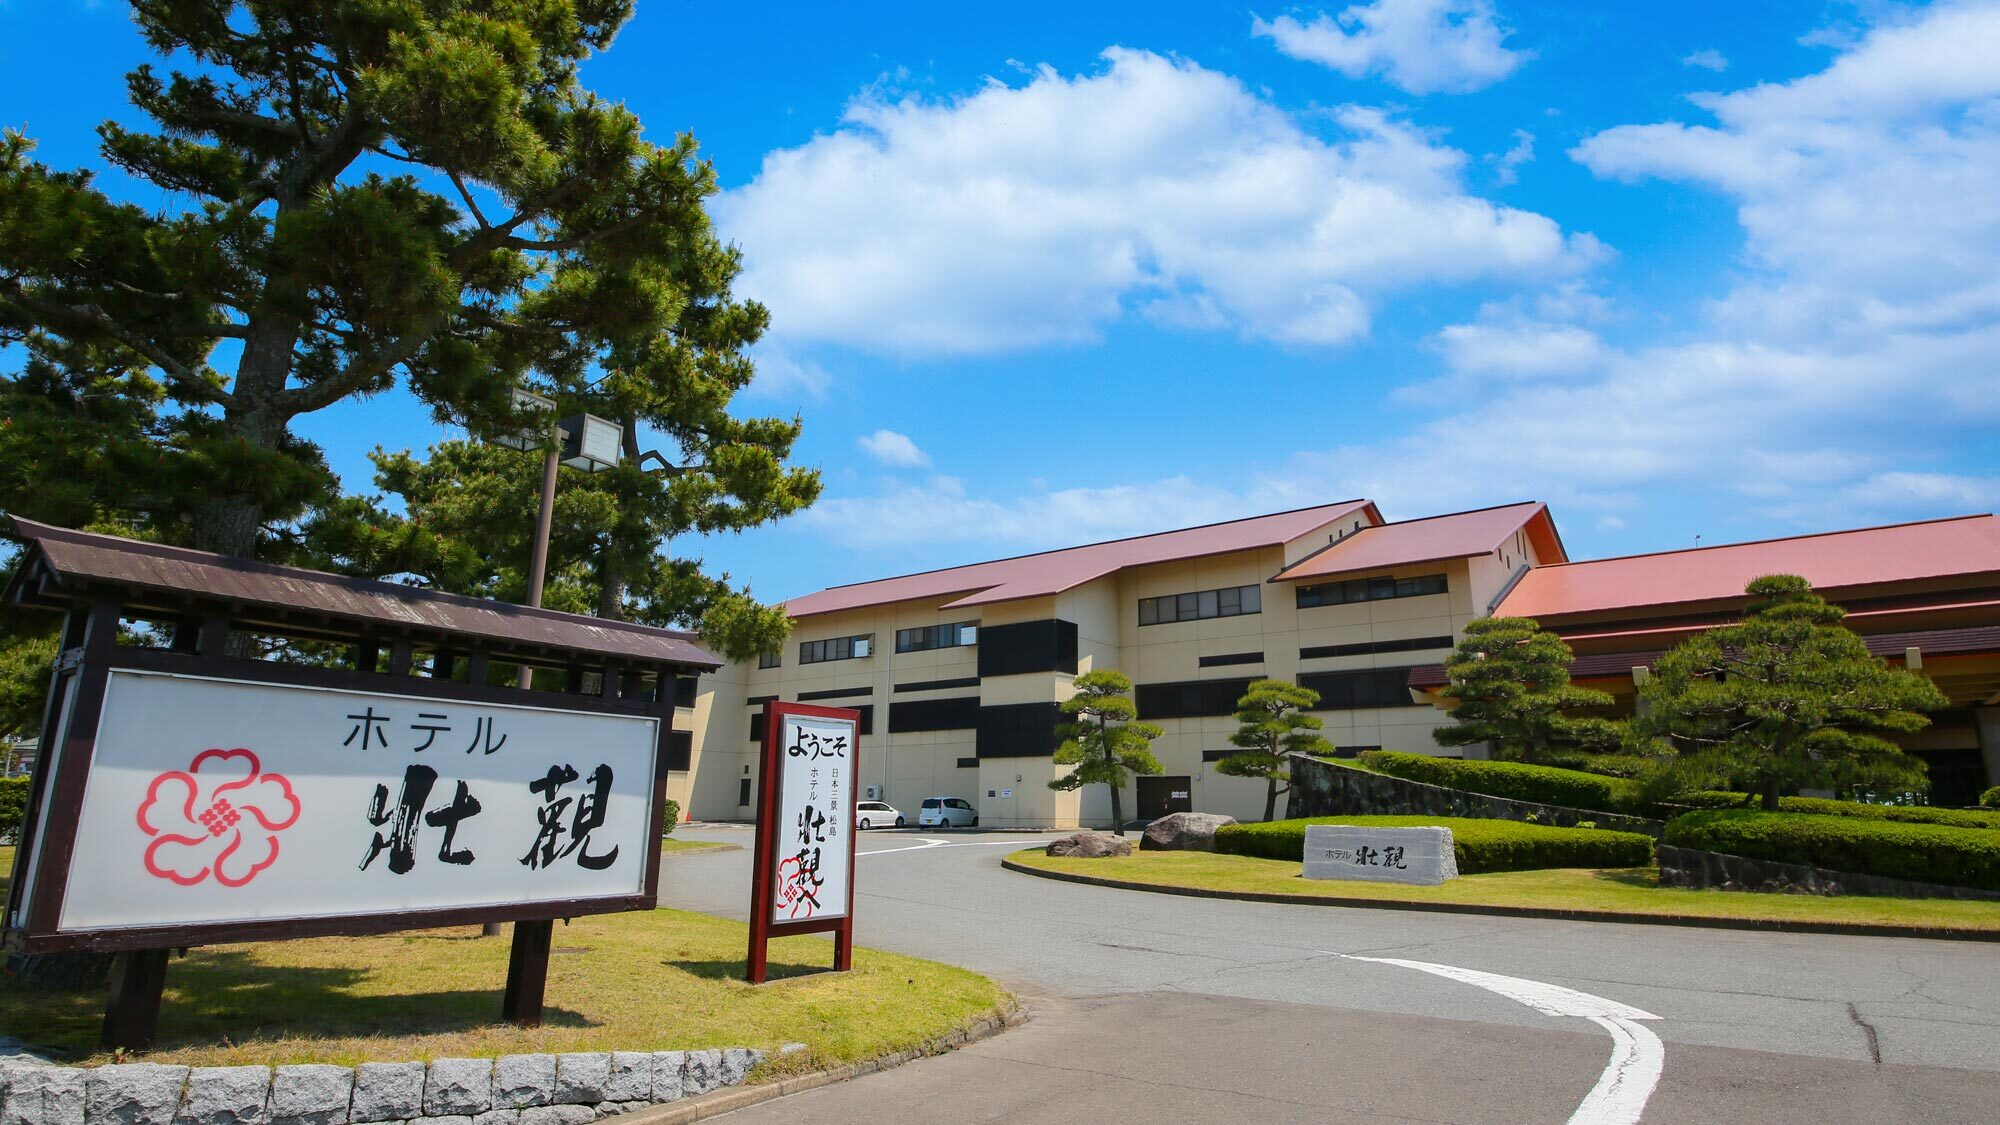 日本三景の松島観光に便利な温泉宿